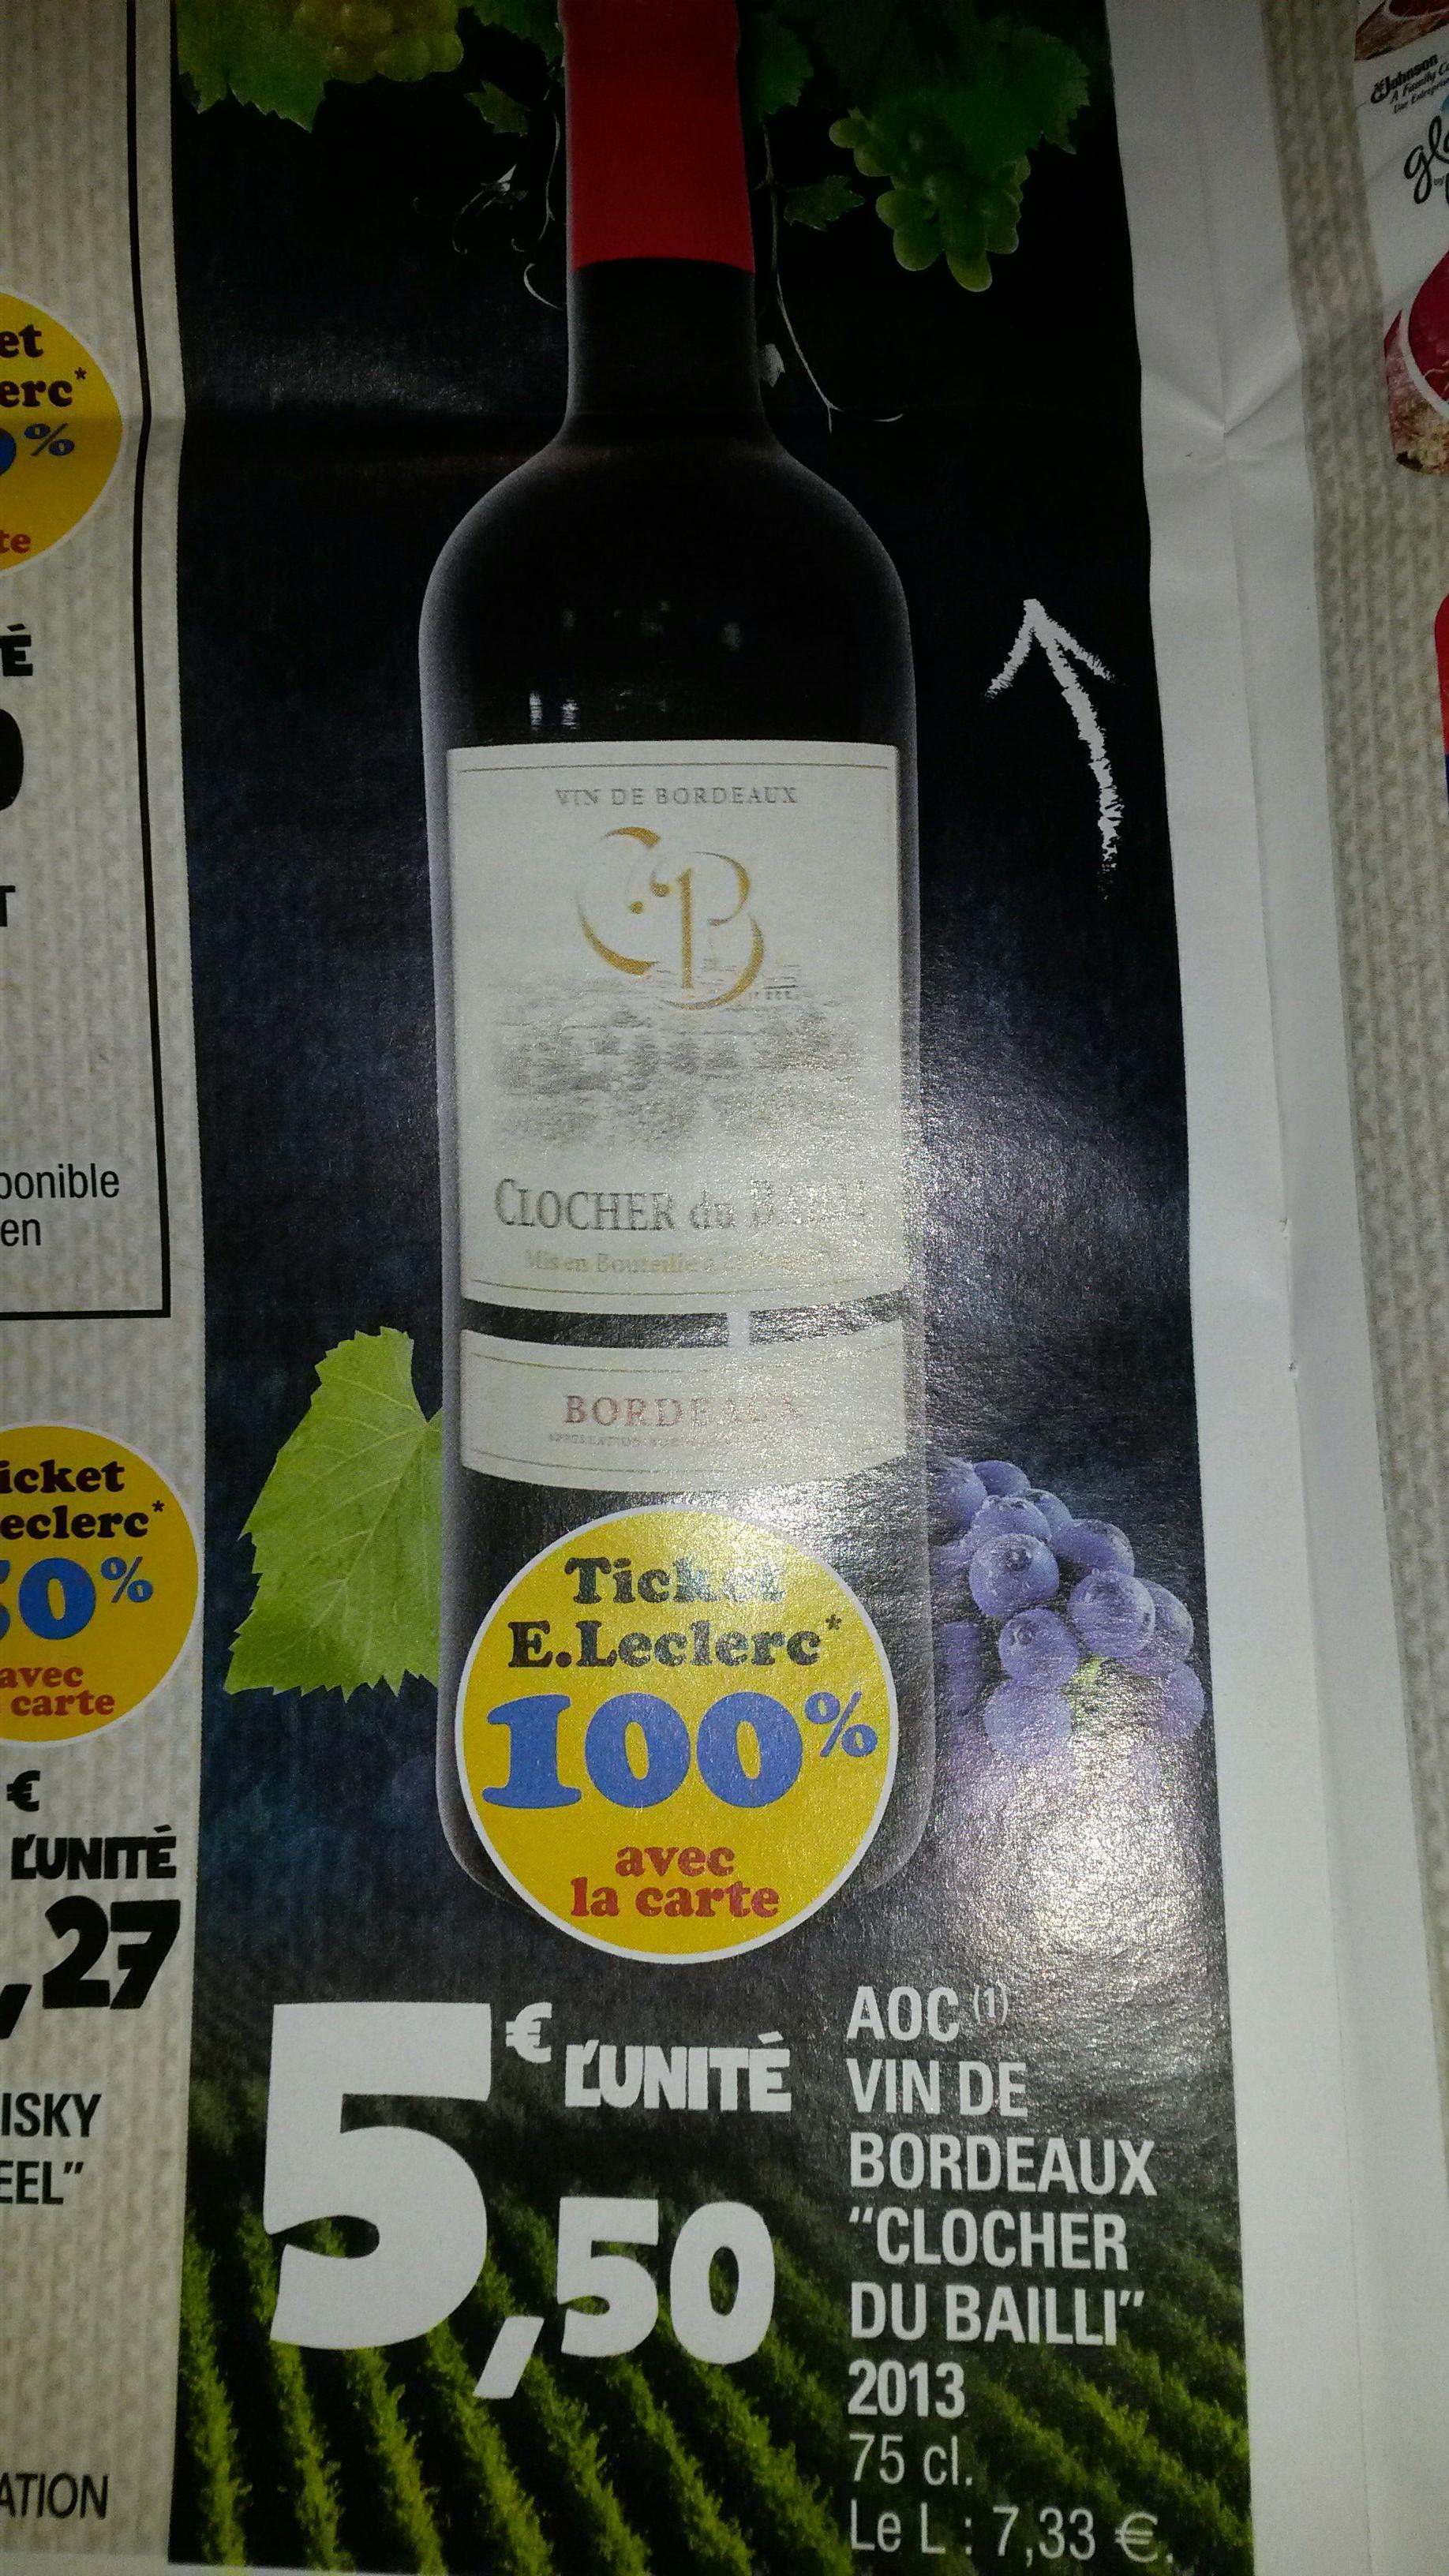 Sélection de produits 100% remboursés en tickets Leclerc - Ex : Vin de Bordeaux Clocher du Bailli 2013